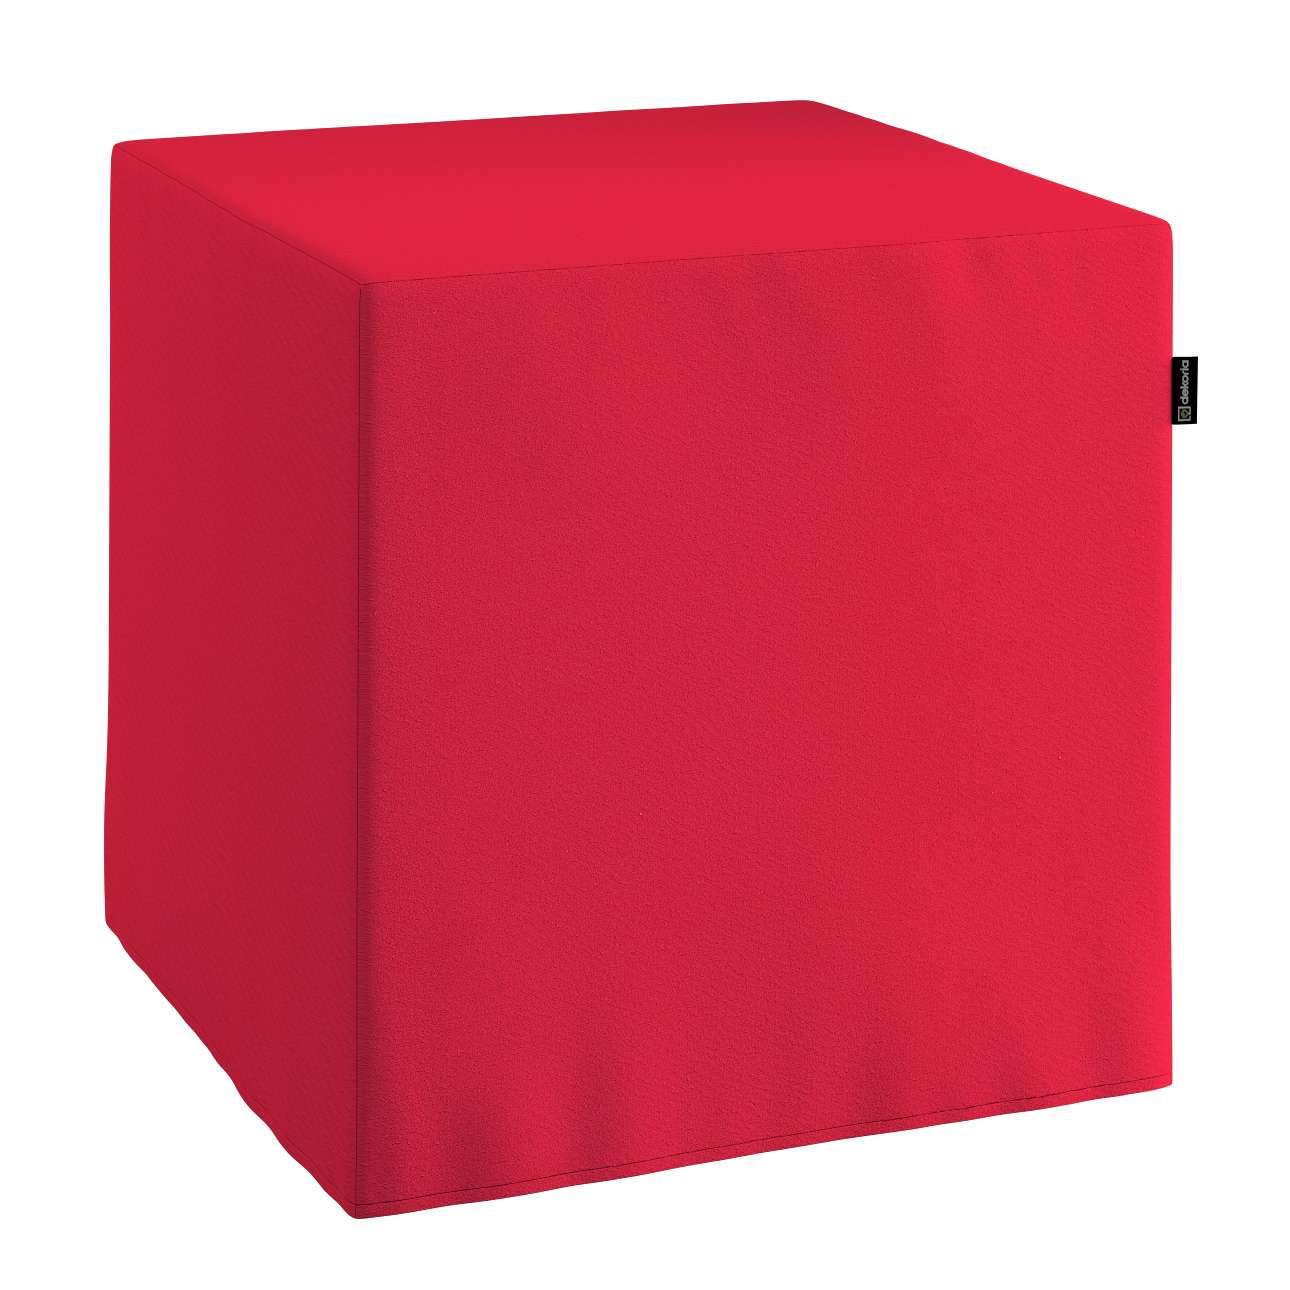 Bezug für Sitzwürfel Bezug für Sitzwürfel 40x40x40 cm von der Kollektion Quadro, Stoff: 136-19